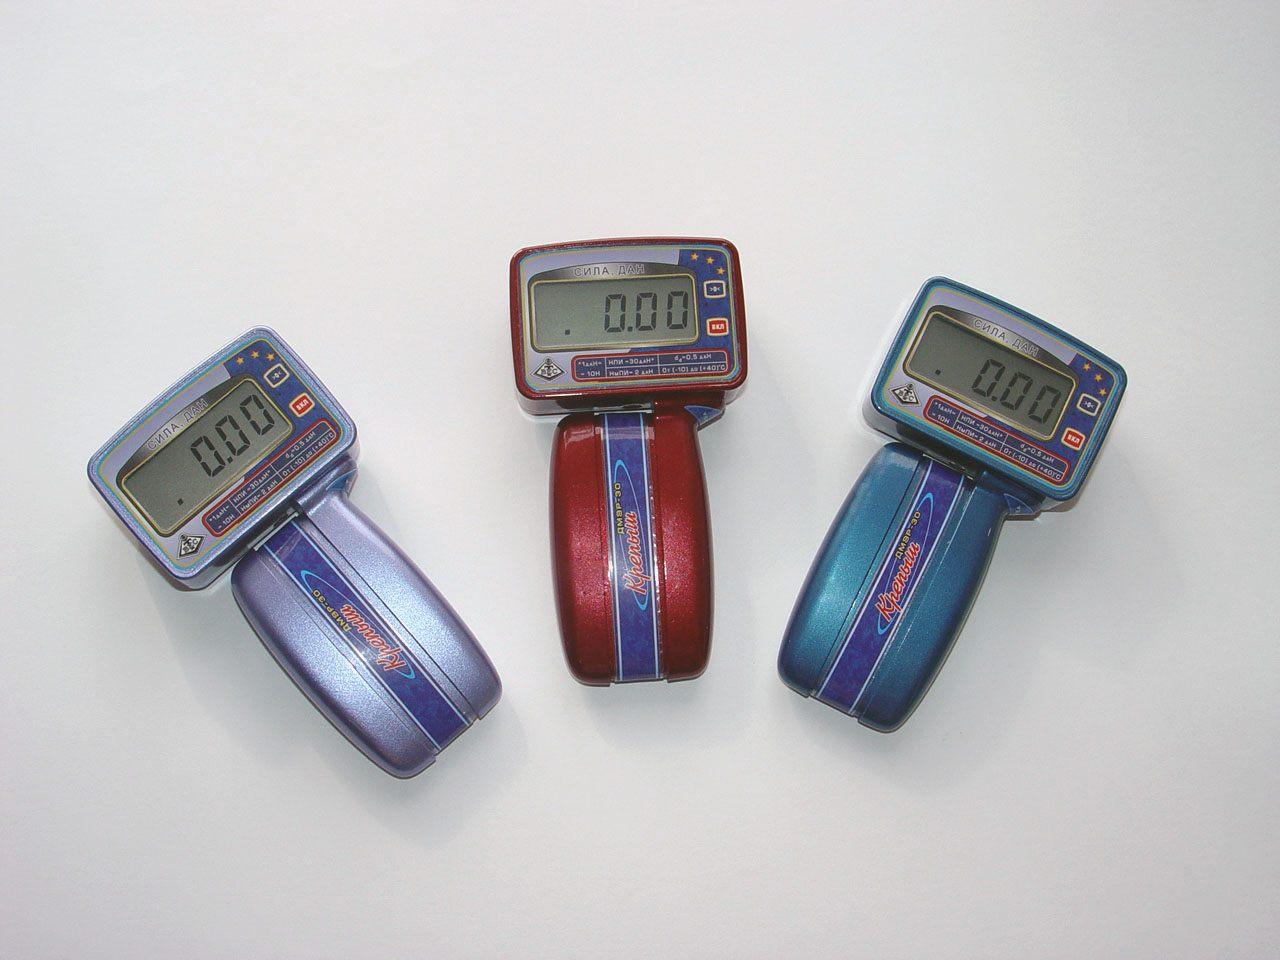 Как измерить скорость удара? В домашних условиях